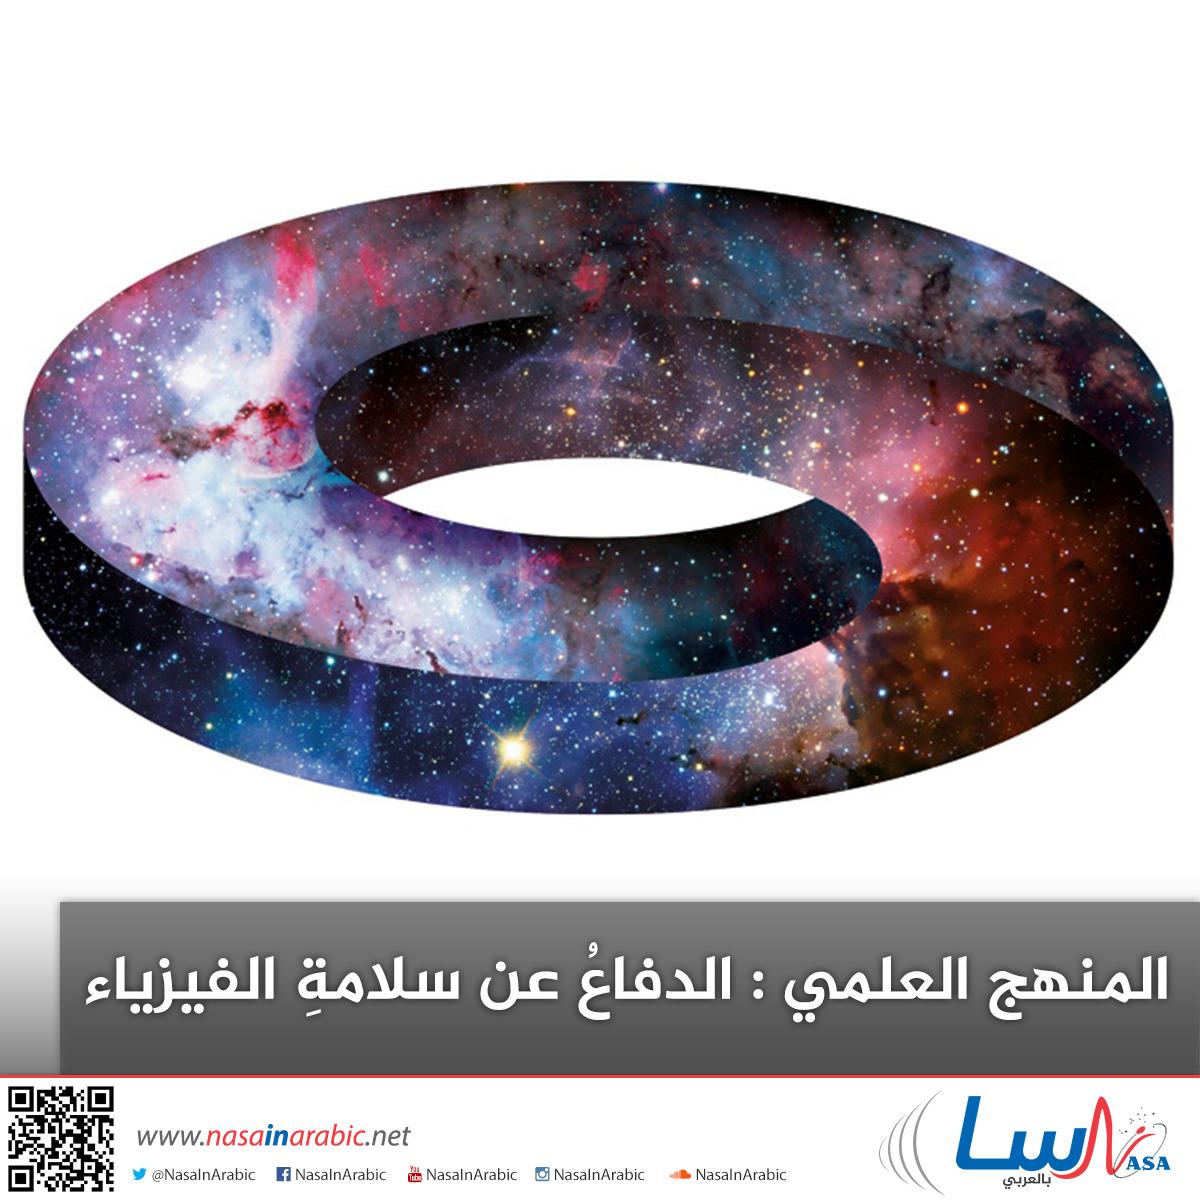 المنهج العلمي : الدفاعُ عن سلامةِ الفيزياء